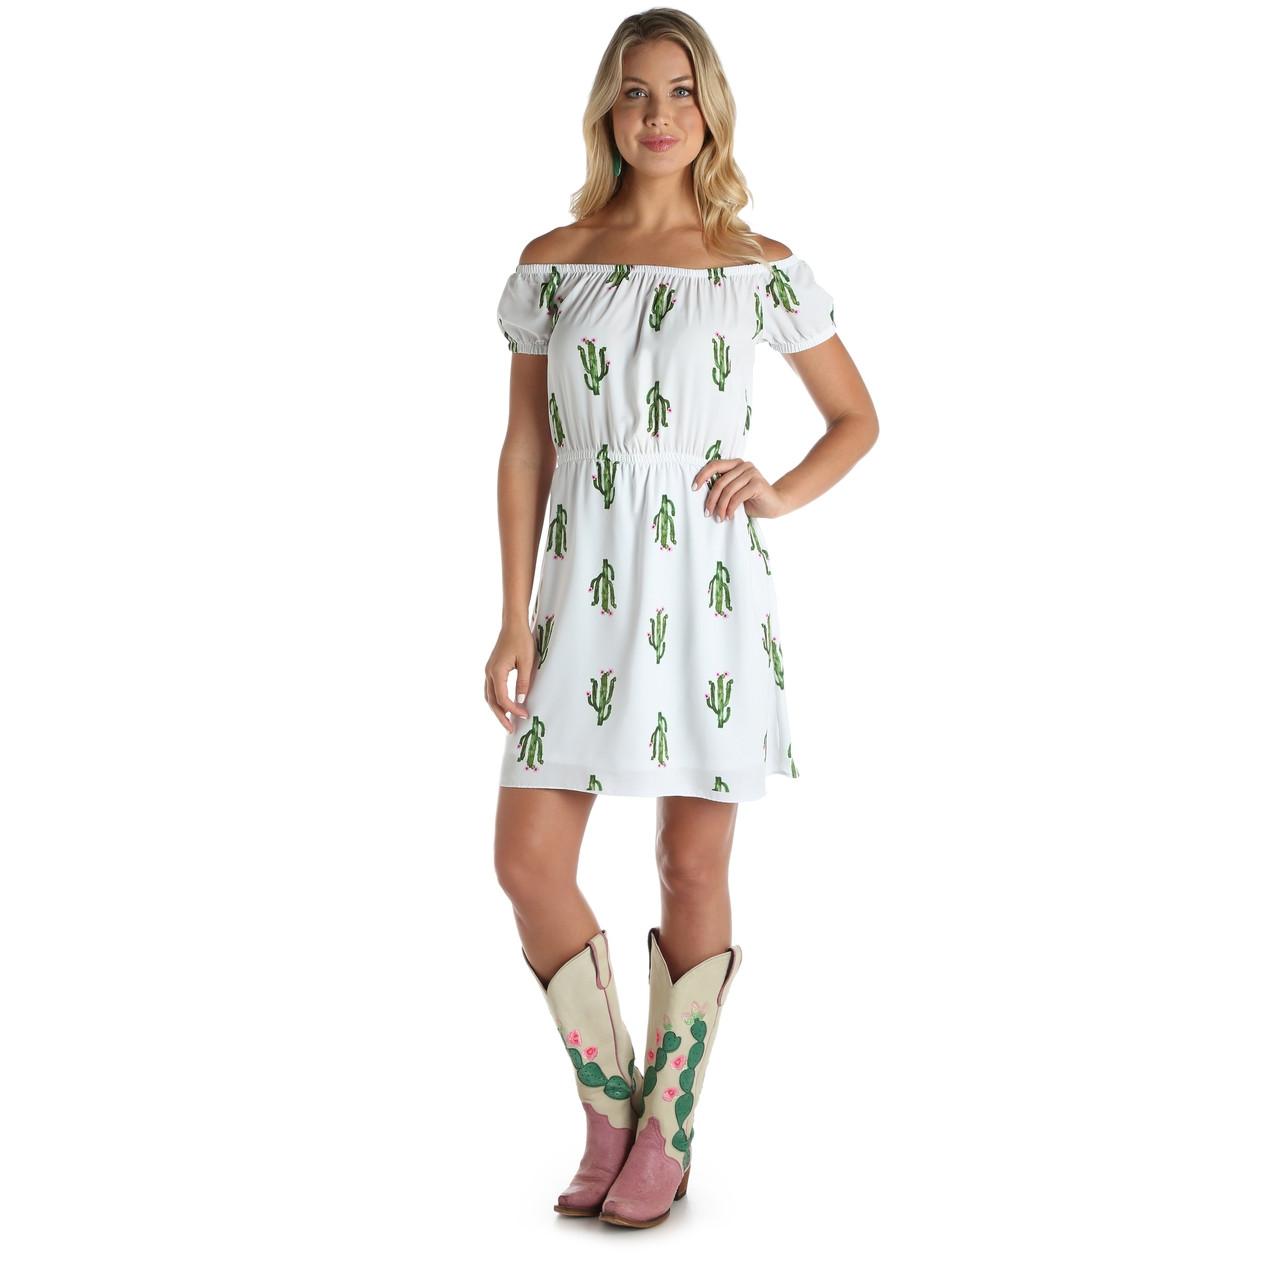 b8b52a8bd84 Wrangler White Cactus Dress